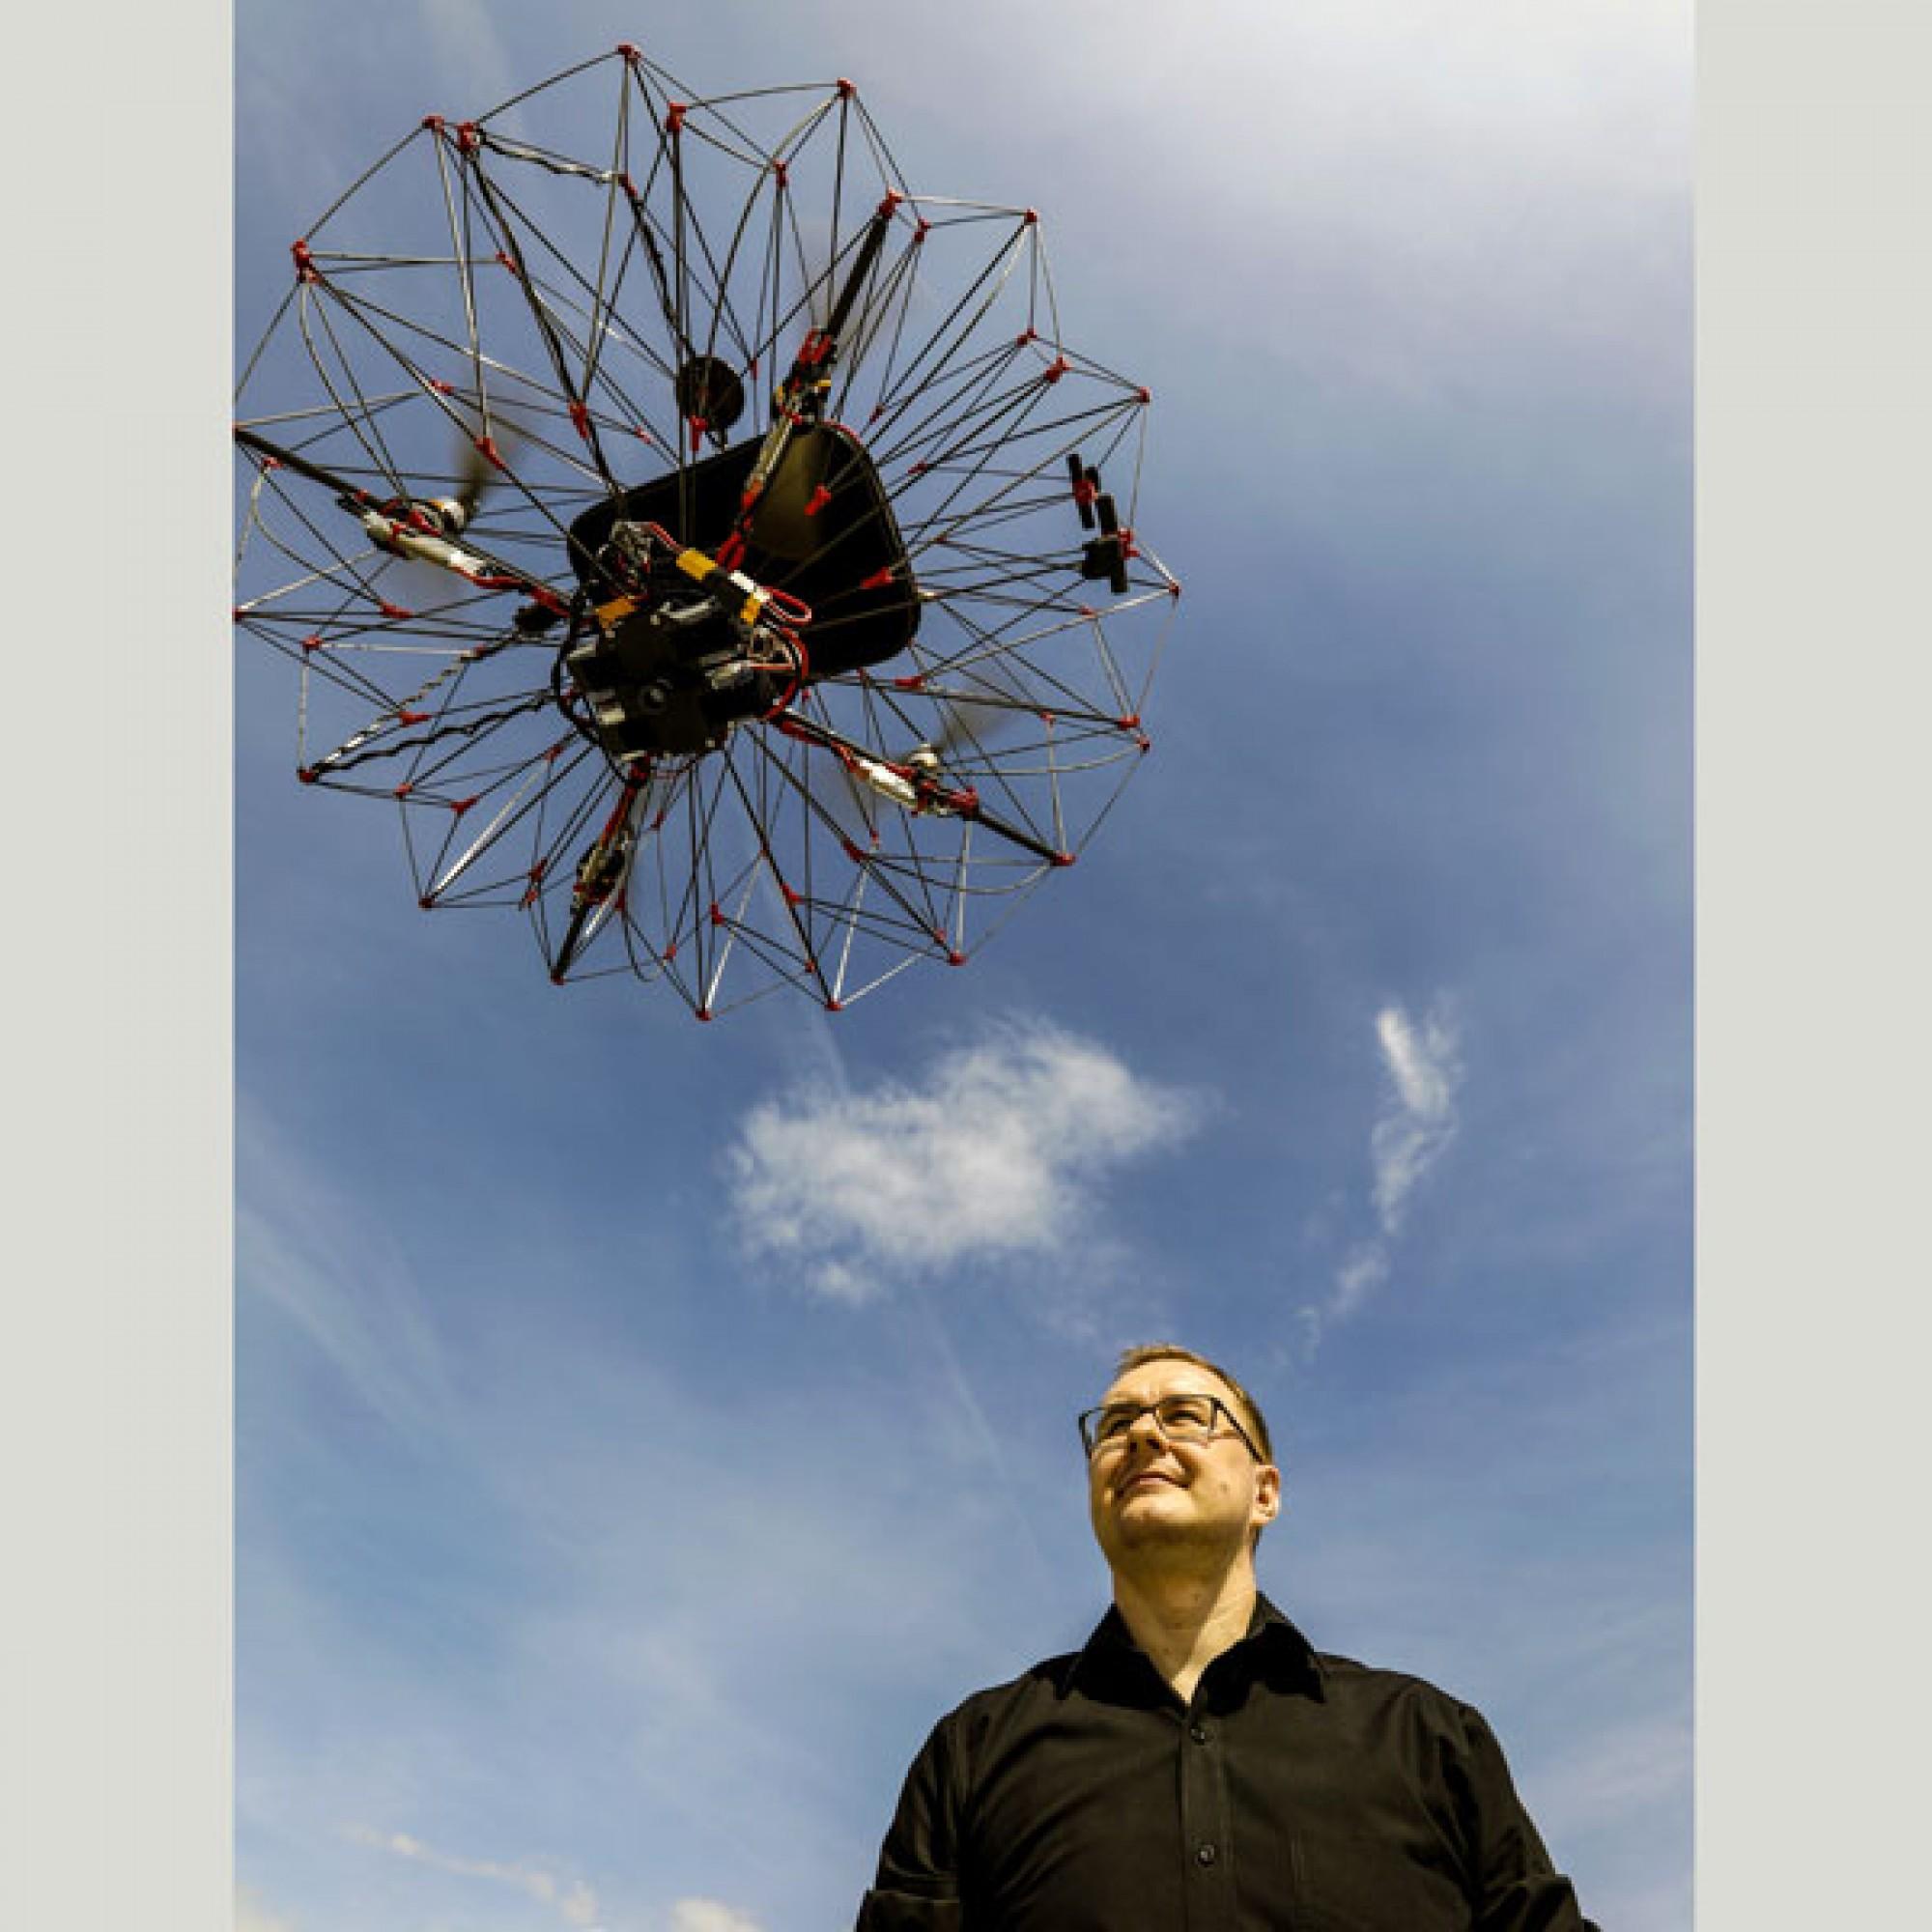 Laut dem Entwickler Przemyslaw Kornatowski sei das Projekt aber noch in Arbeit. (Bild: EPFL)